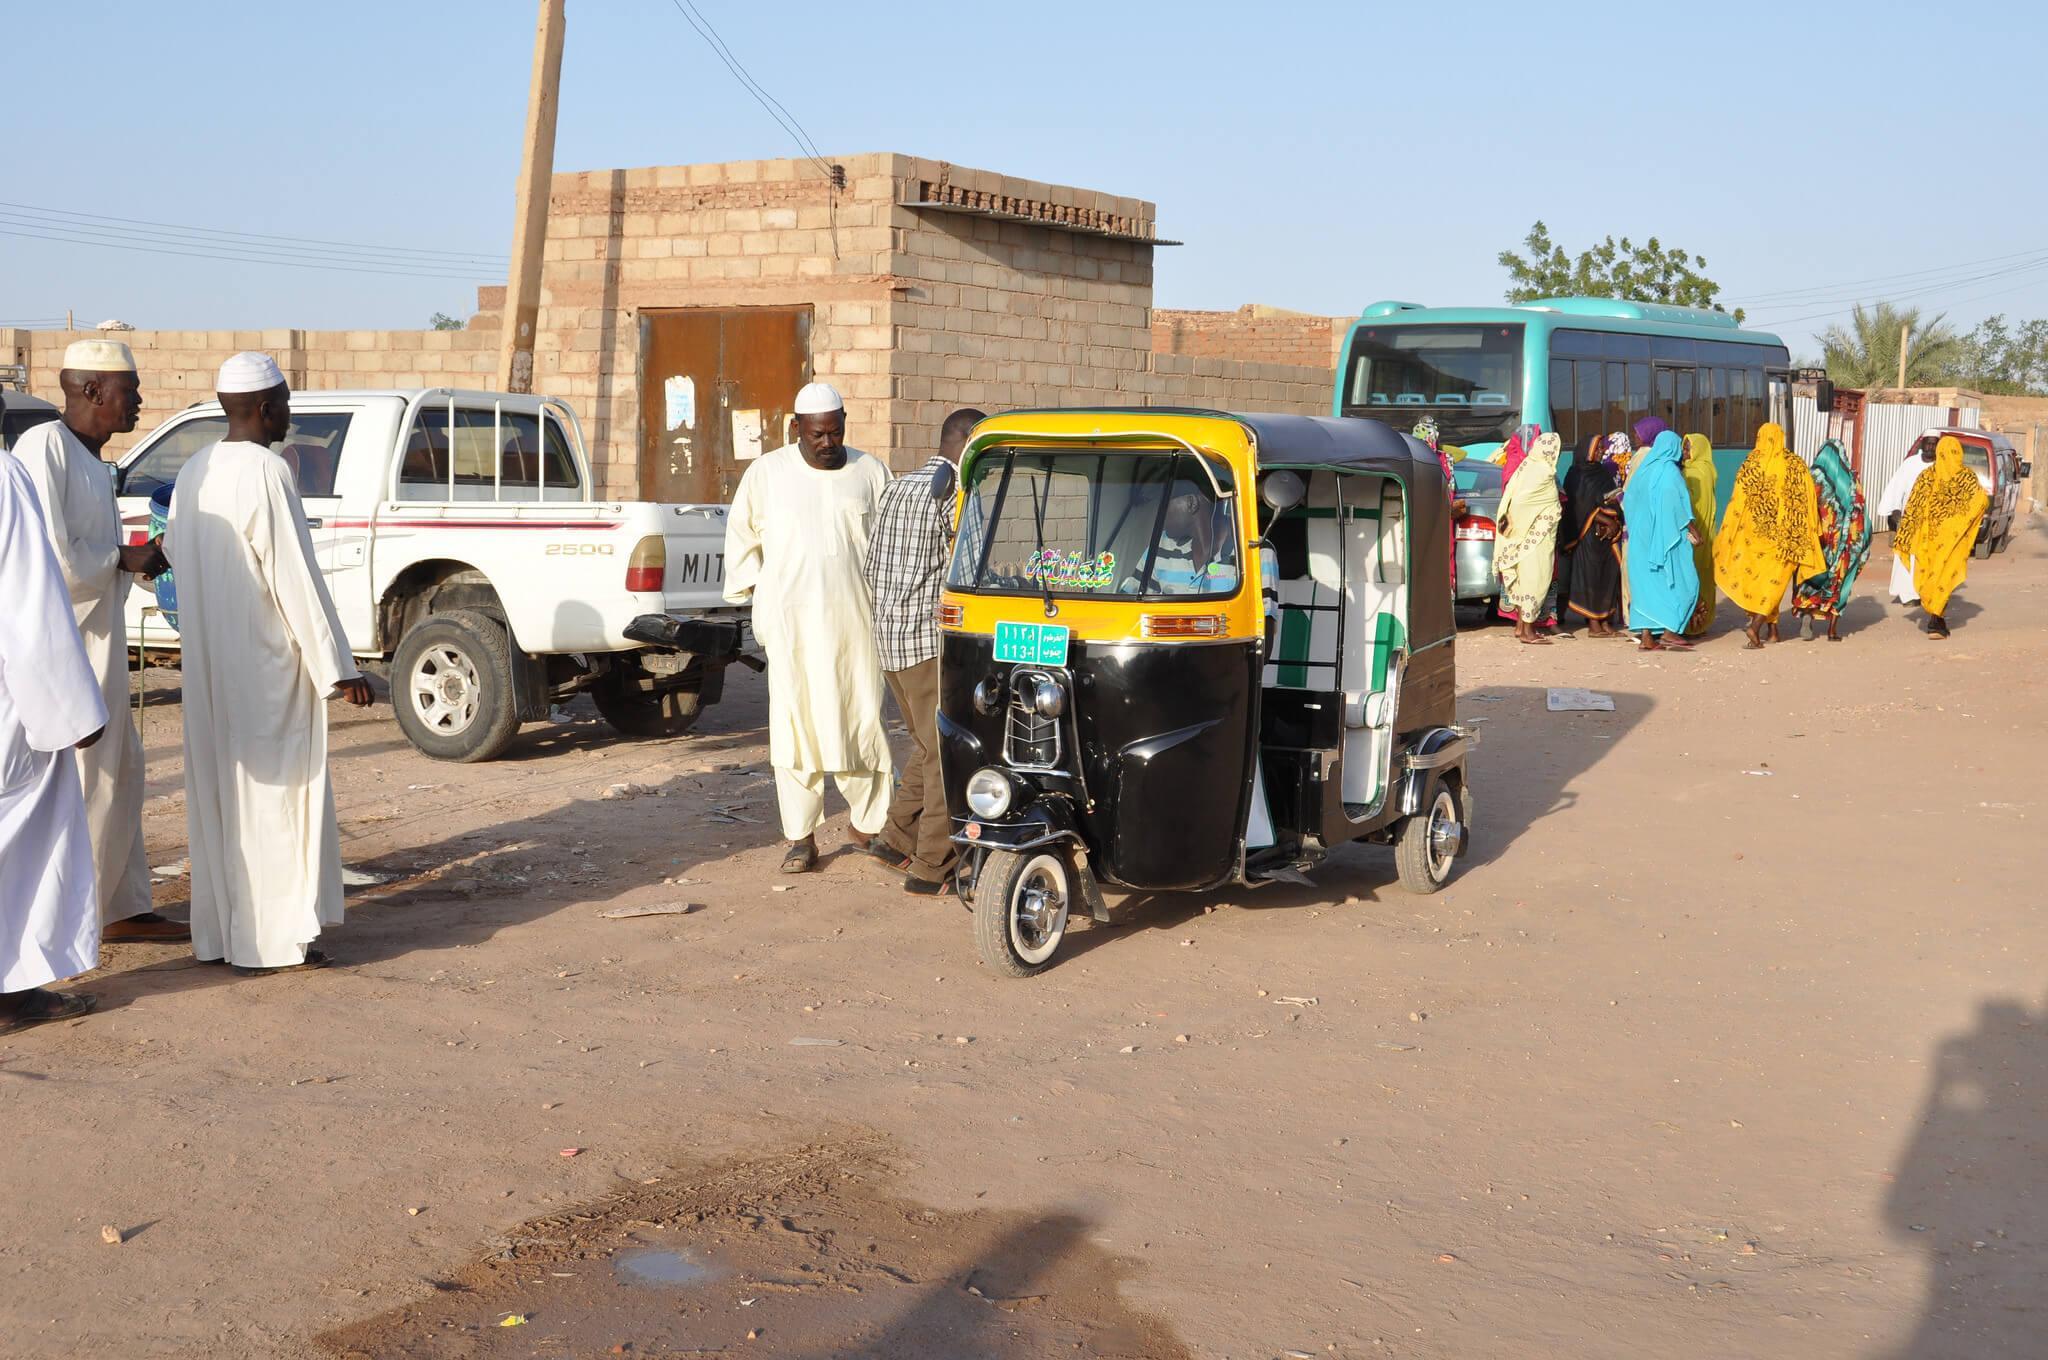 Tour of Khartoum With a Local